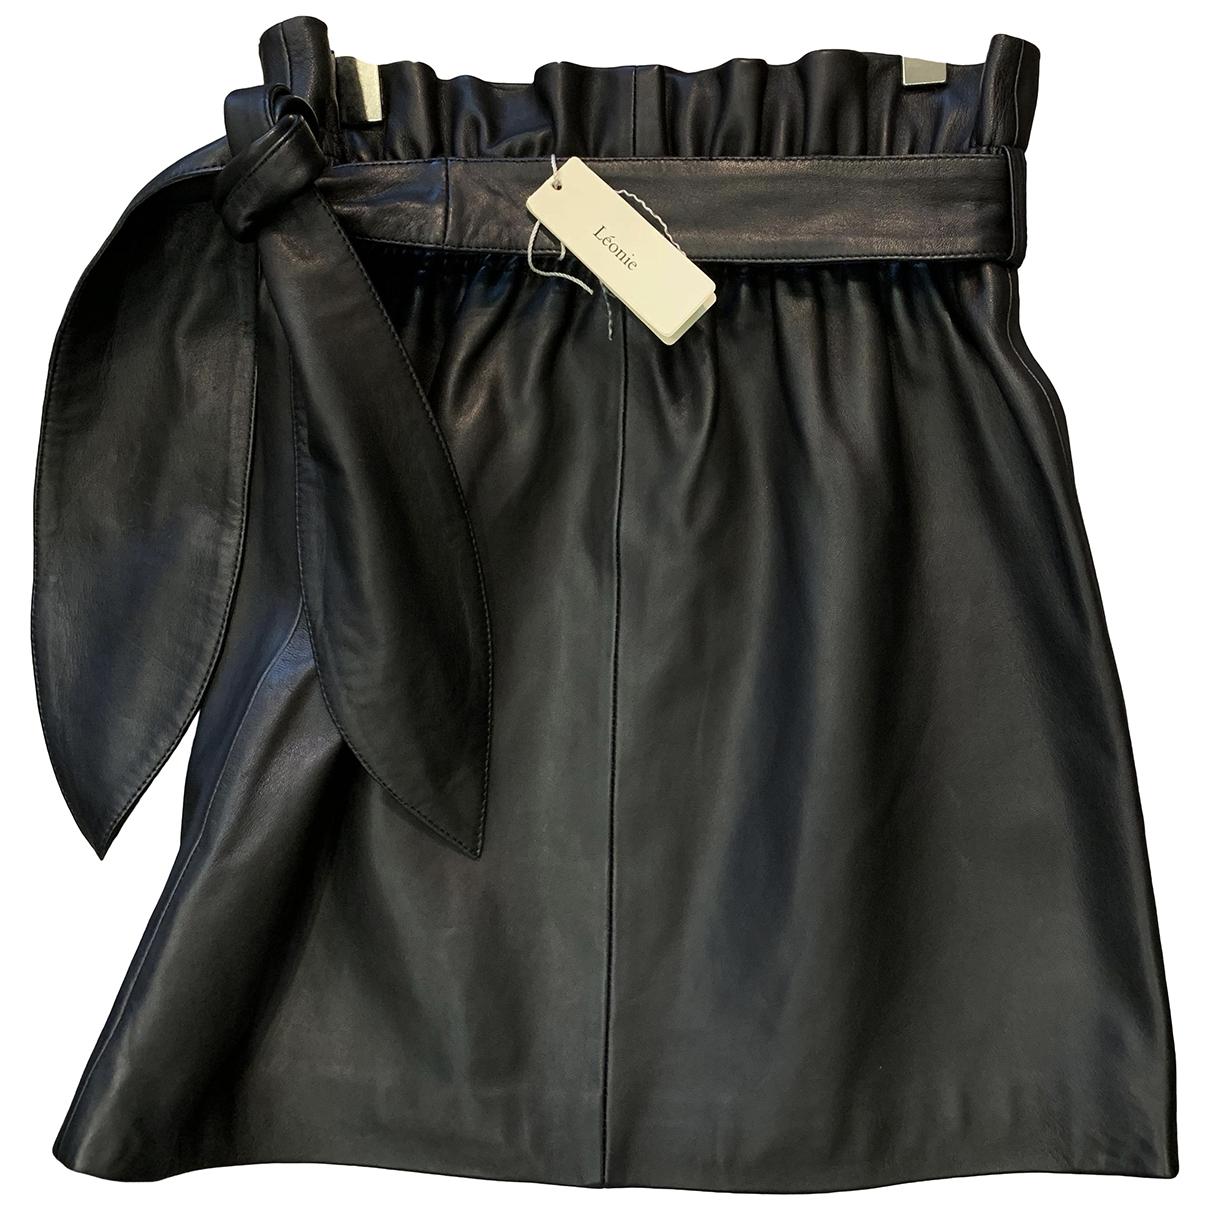 Mini falda de Cuero Hotel Particulier